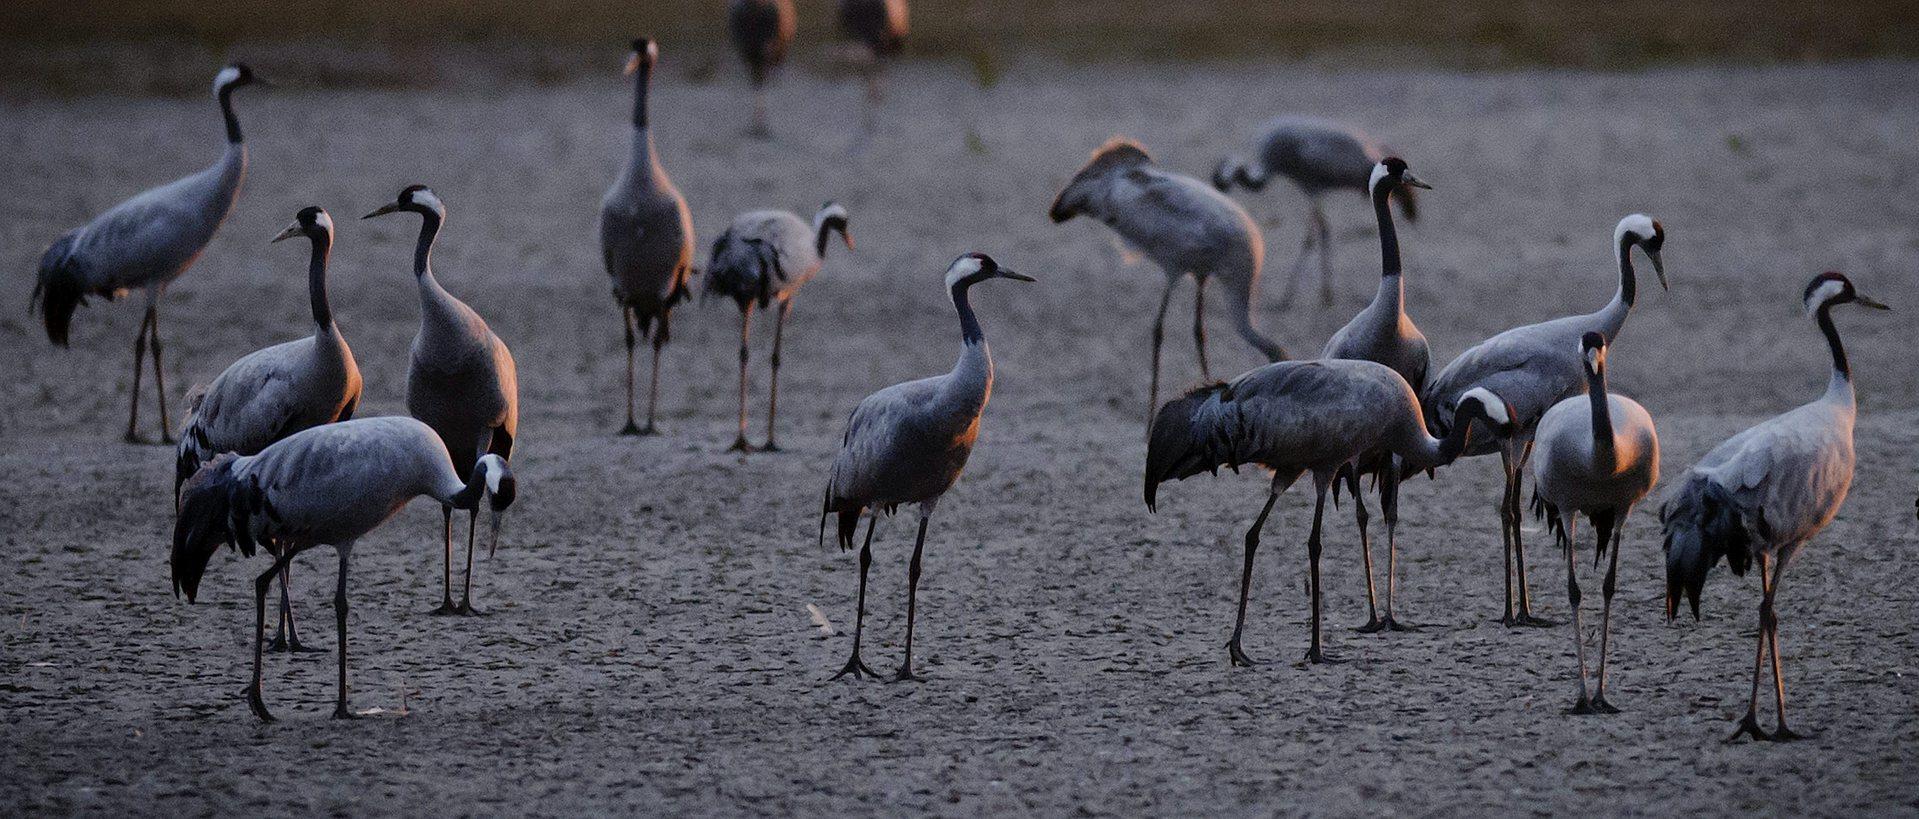 Szürke darvak (Grus grus) pihennek Hortobágyon az Elepi tóegység Felső-laposi tava mellett, mielőtt éjszakázó helyükre repülnének 2012. október 13-án. Európa legnagyobb darugyülekező helyén, a Hortobágyi Nemzeti Park területén az október 11-i számlálások szerint közel 54.000 daru tartózkodik. Az Észak-Európából (zömmel Finnországból) szeptember második felében érkező madarak a komolyabb fagyok beköszöntéig maradnak. (MTI Fotó: Czeglédi Zsolt)